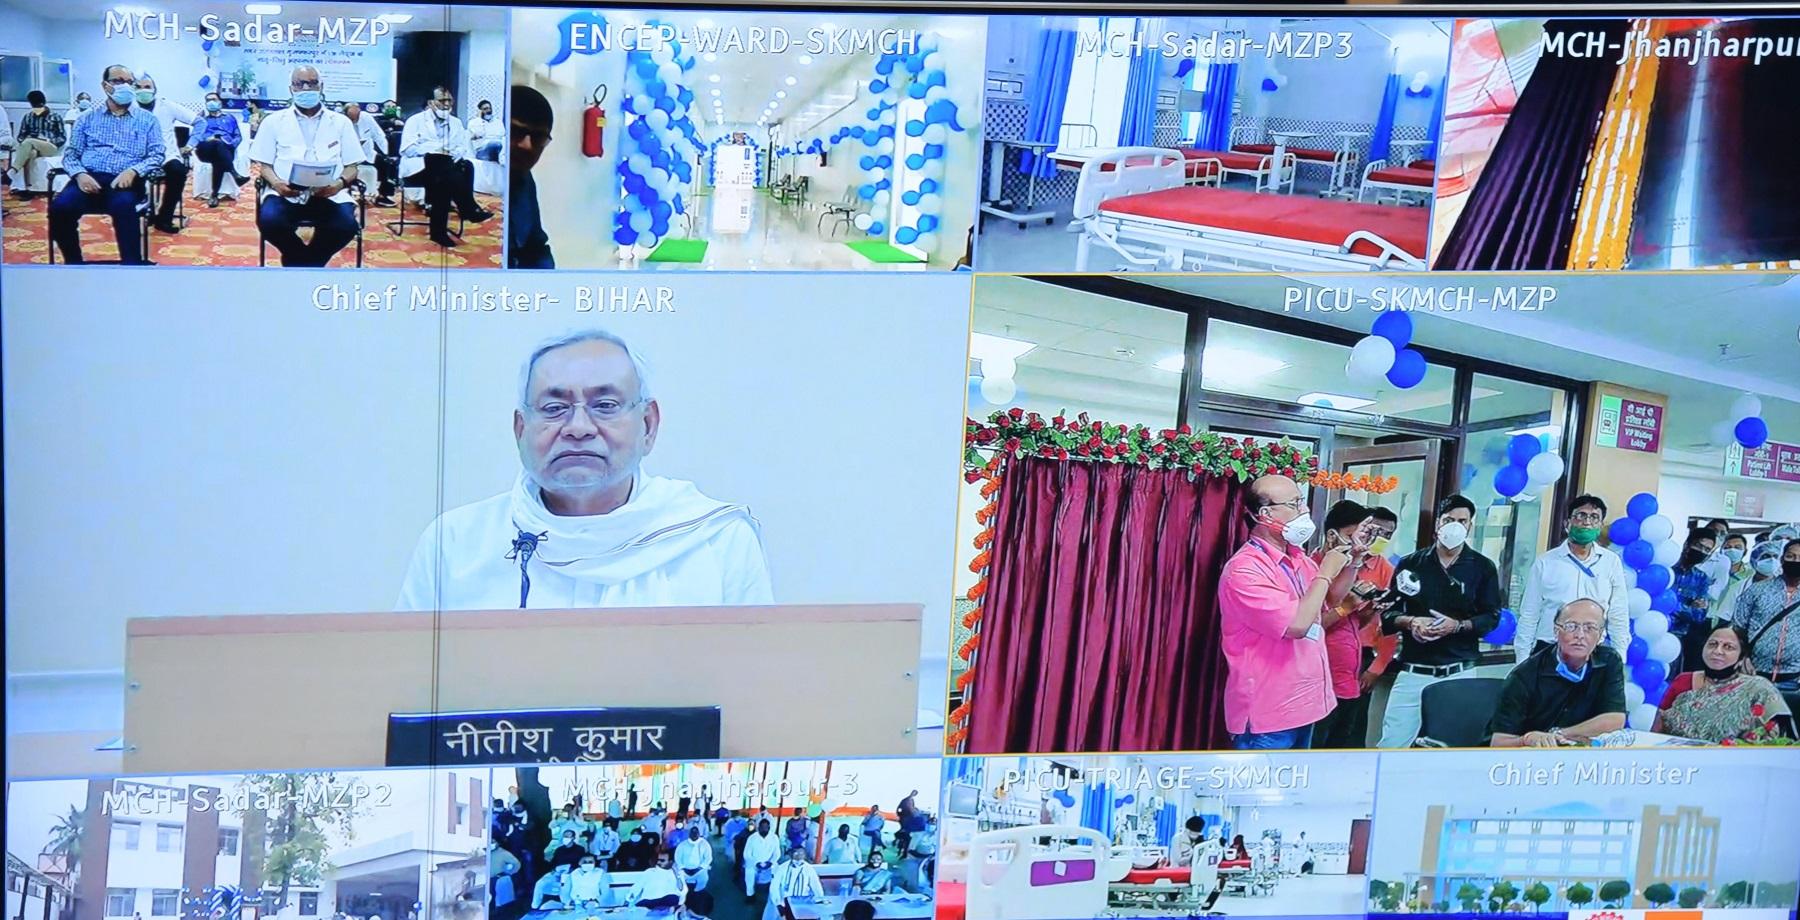 India's Biggest Paediatrics Intensive Care Unit Opens at Muzaffarpur